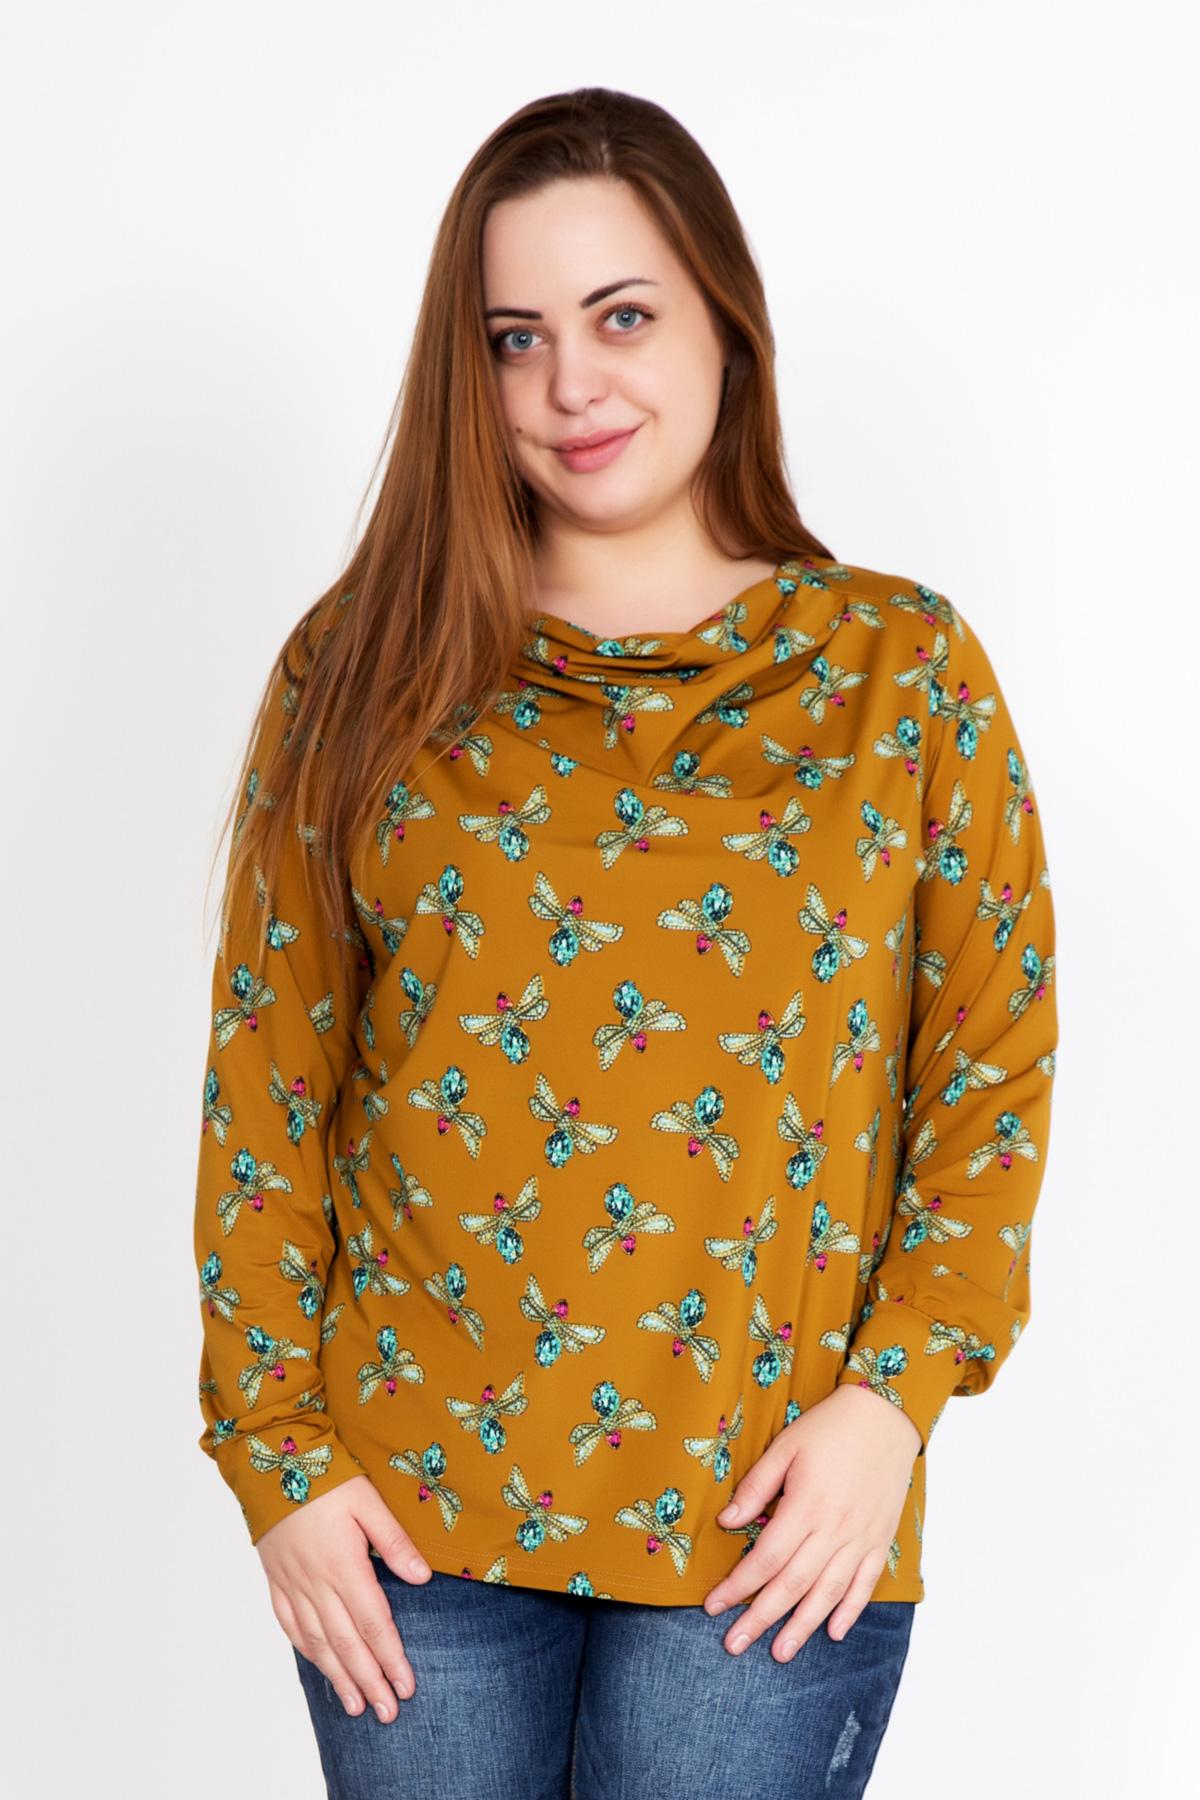 Жен. блуза Дайна р. 52Распродажа женской одежды<br>Обхват груди: 104 см <br>Обхват талии: 85 см <br>Обхват бедер: 112 см <br>Длина по спинке: 68 см <br>Рост: 167 см<br><br>Тип: Жен. блуза<br>Размер: 52<br>Материал: Масло